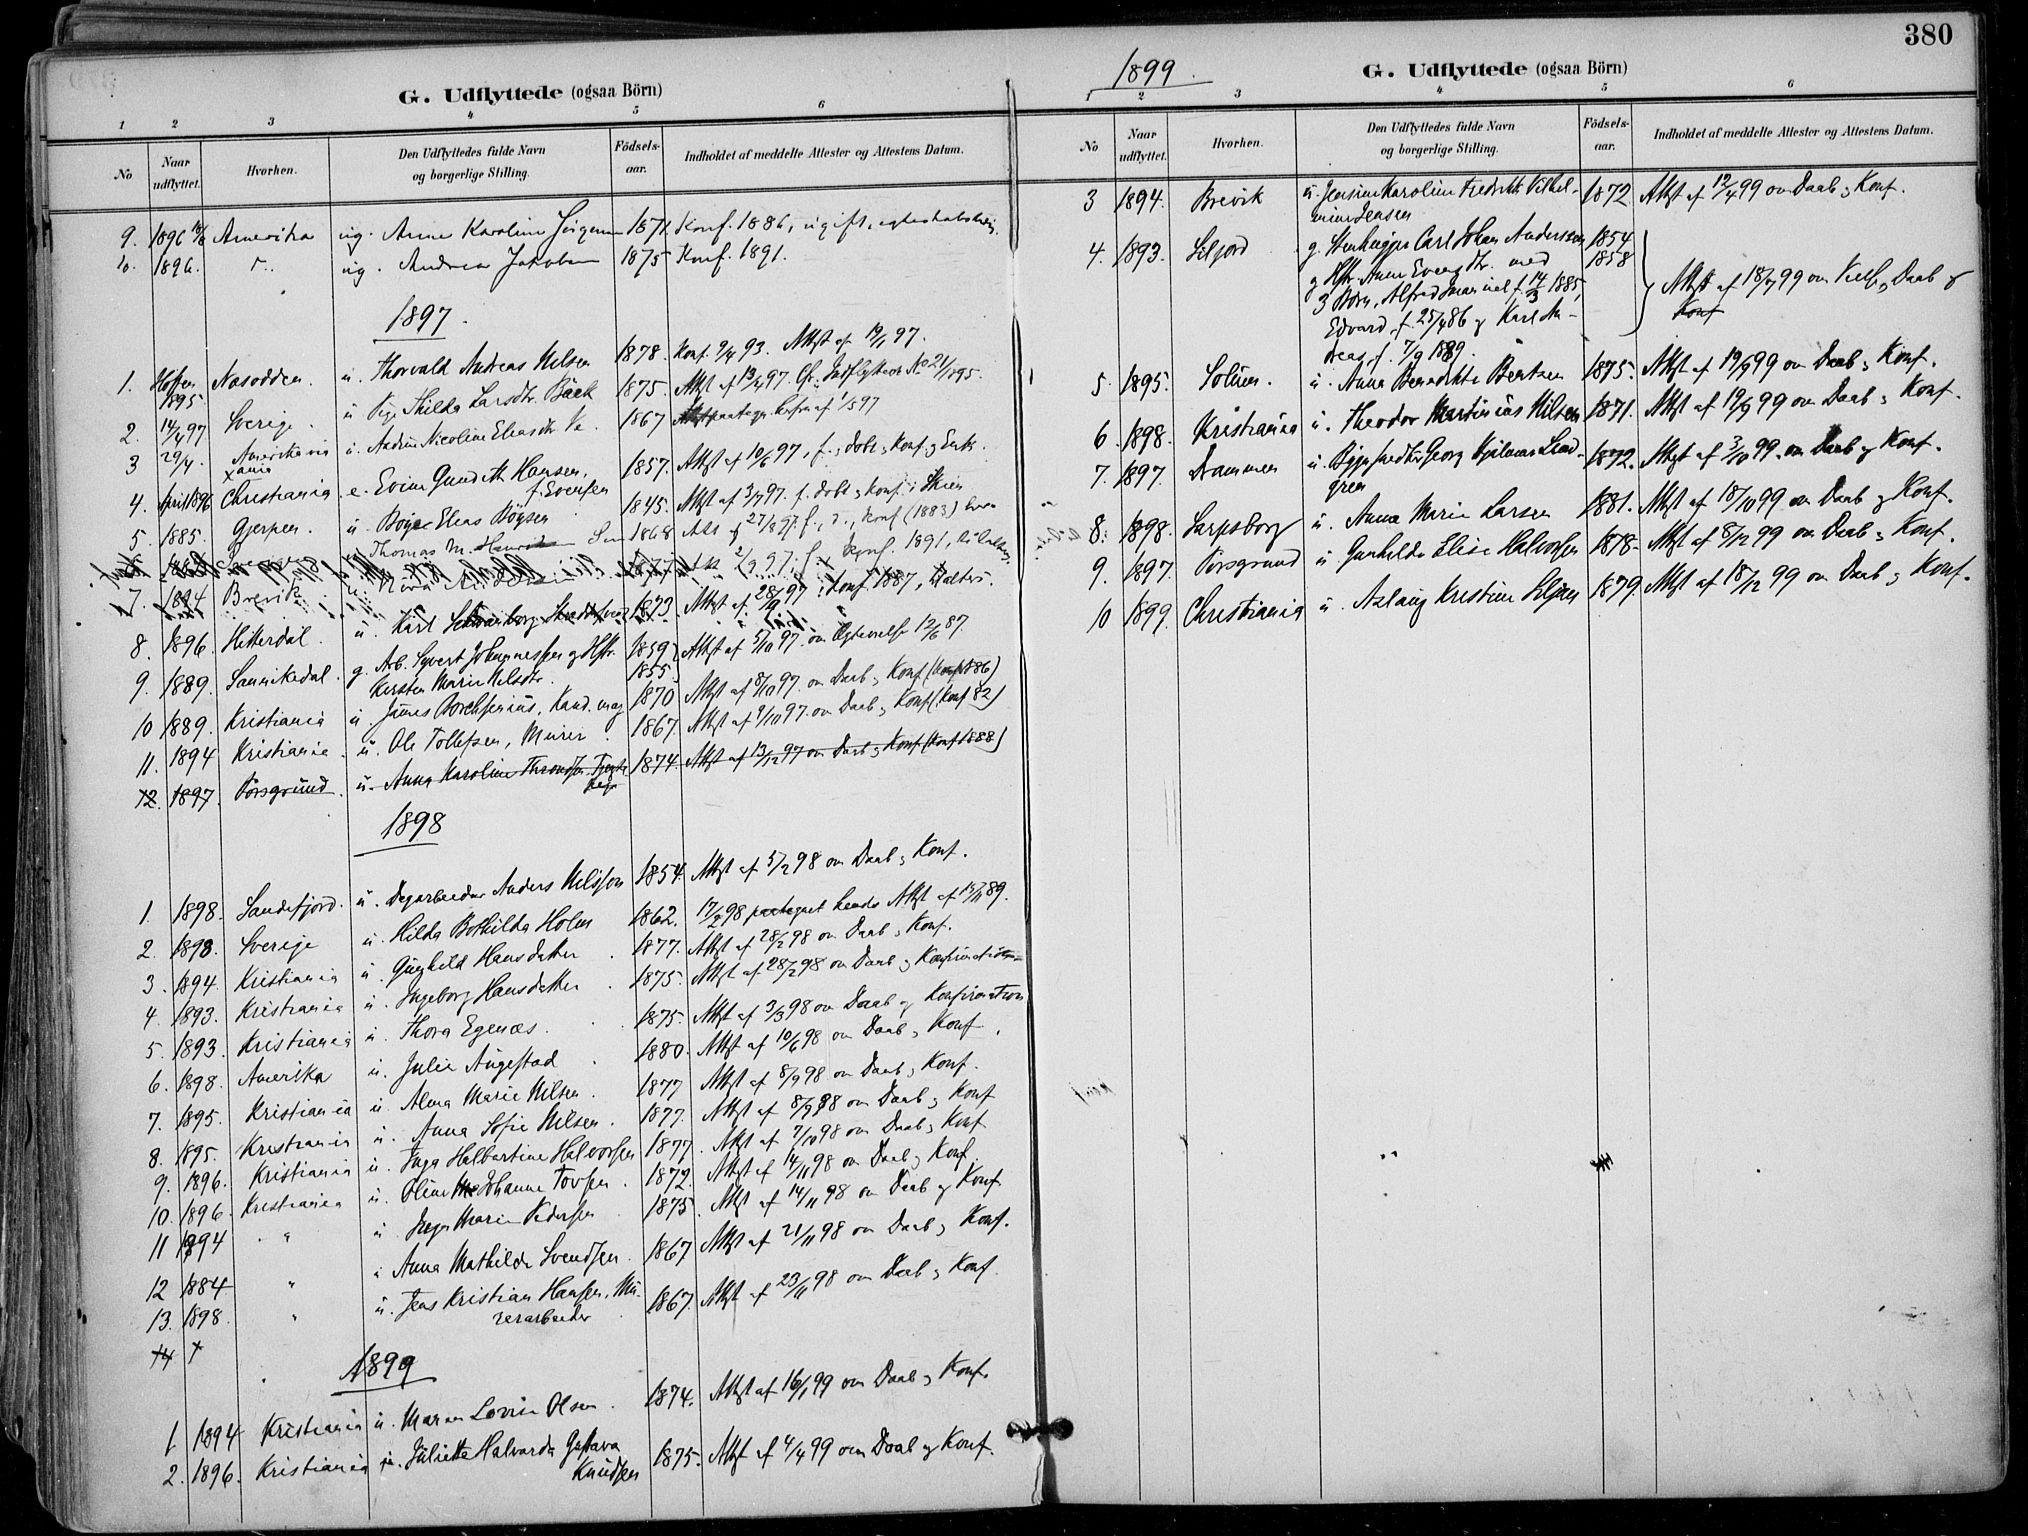 SAKO, Skien kirkebøker, F/Fa/L0010: Ministerialbok nr. 10, 1891-1899, s. 380